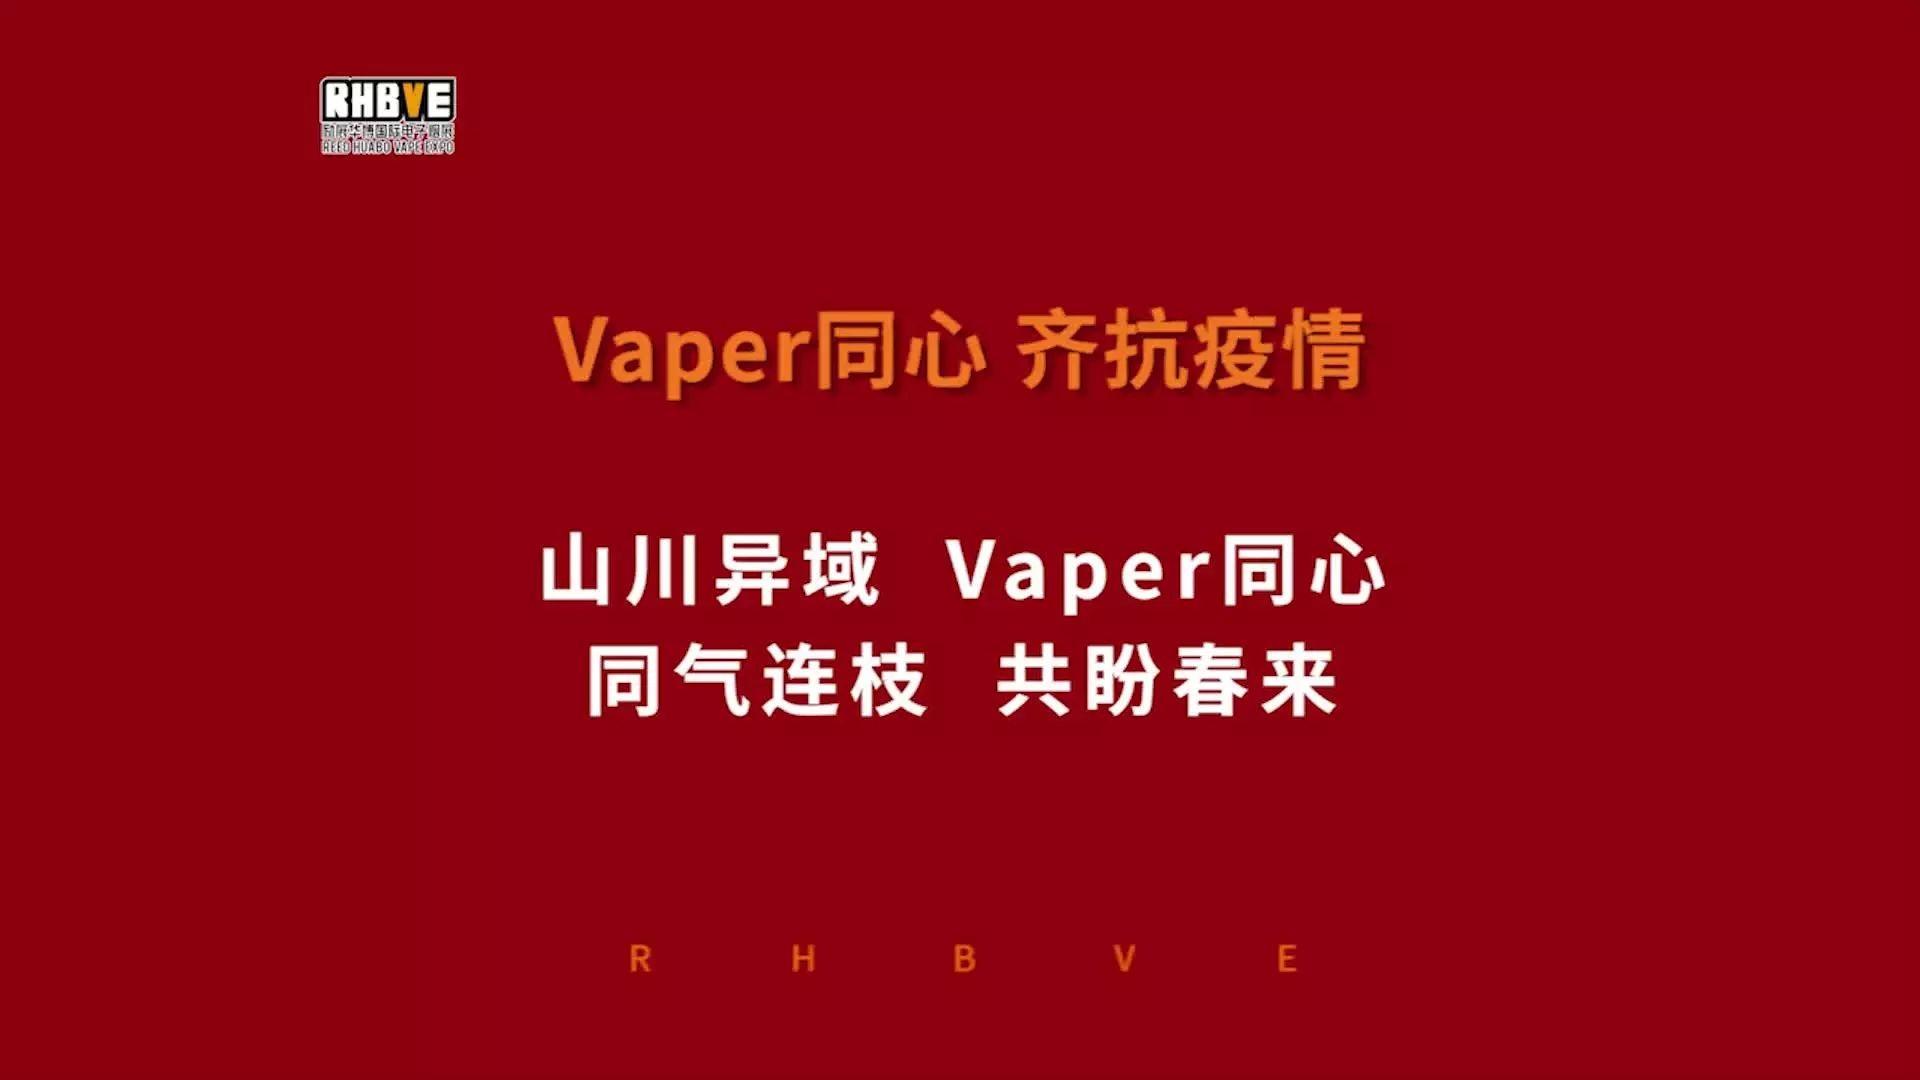 RHBVE & 30 e-cigarette enterprises cheer for China